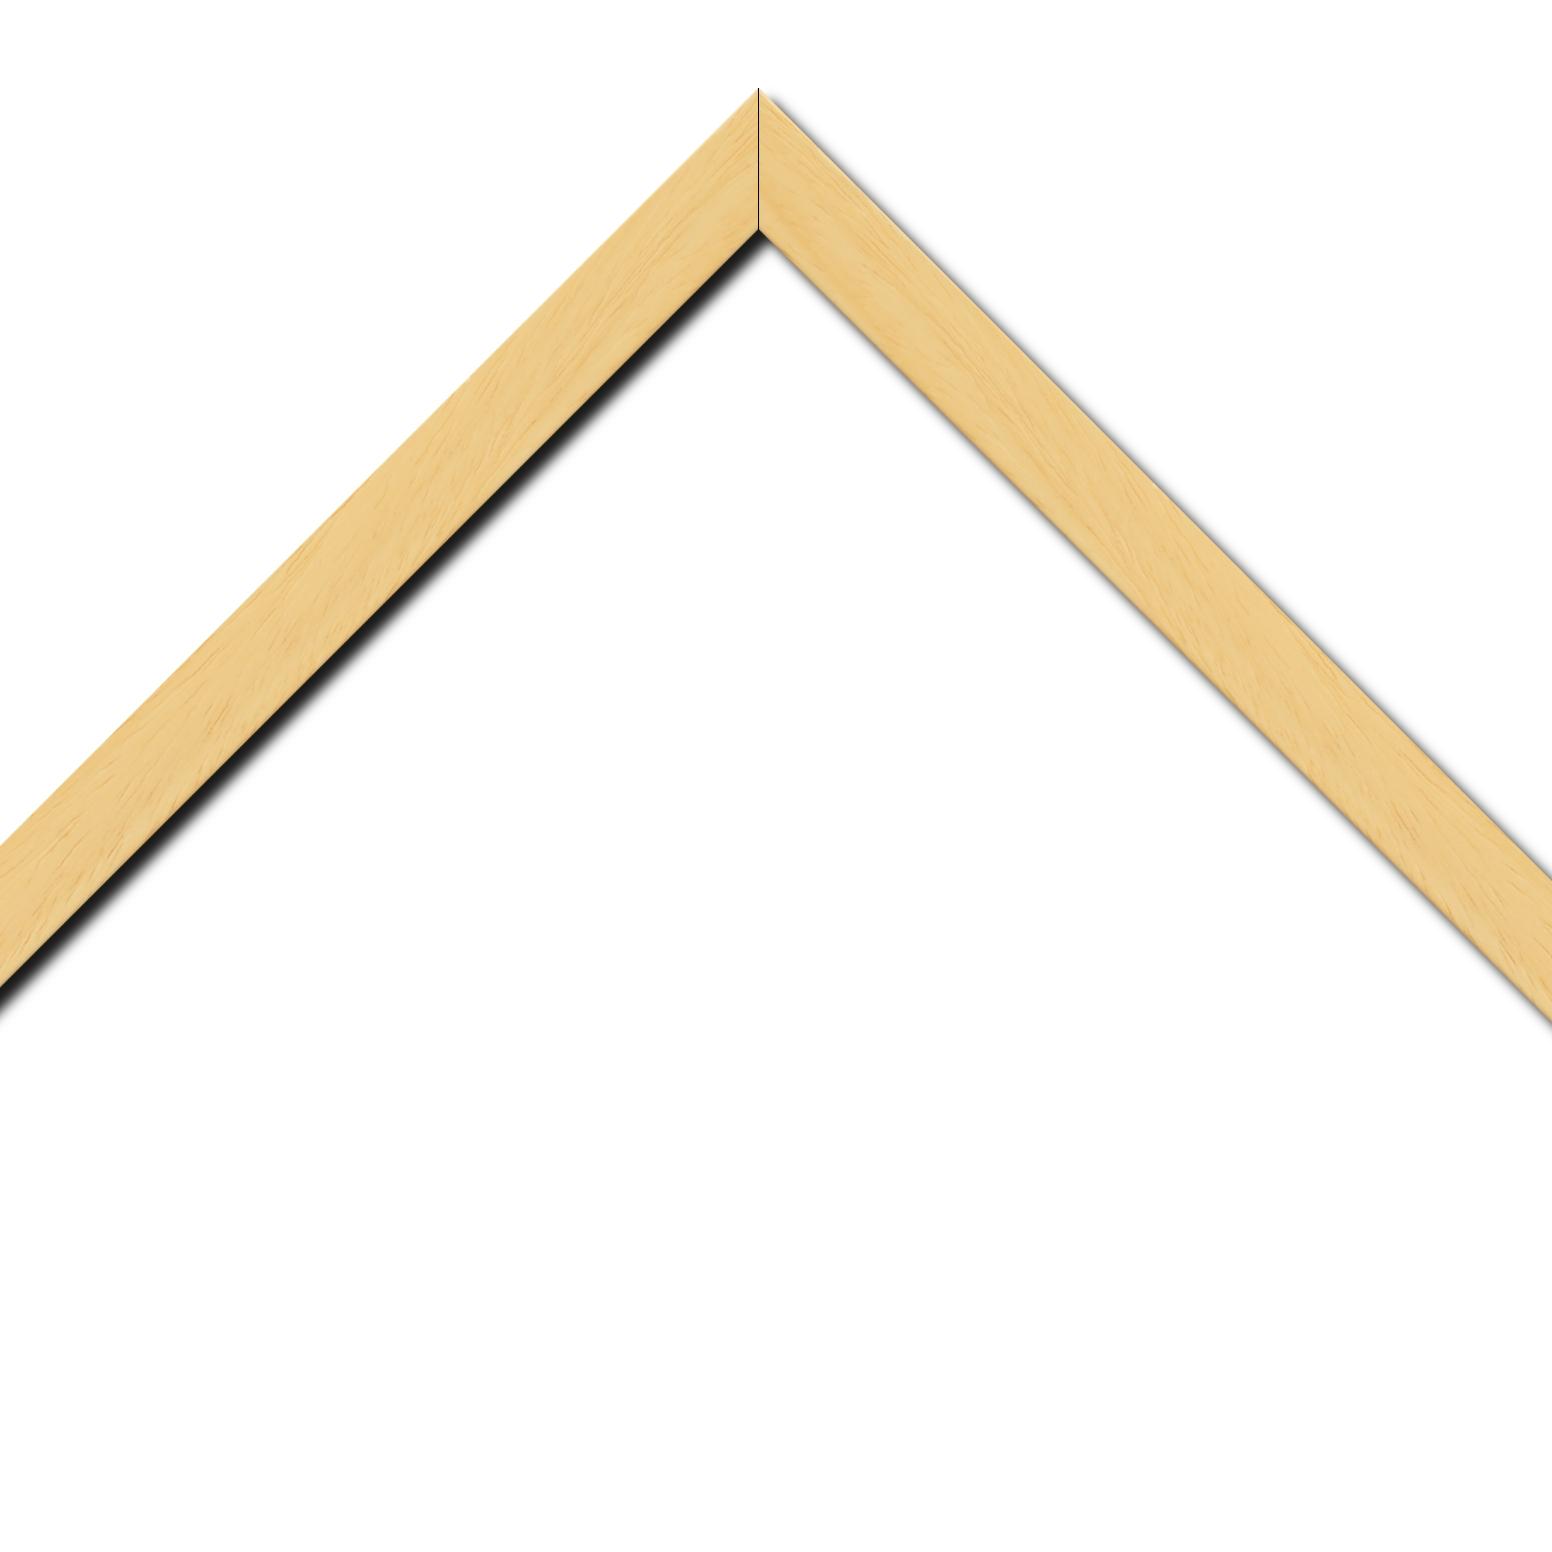 Baguette bois profil plat largeur 2cm hauteur 3.3cm couleur naturel satiné (aussi appelé cache clou)